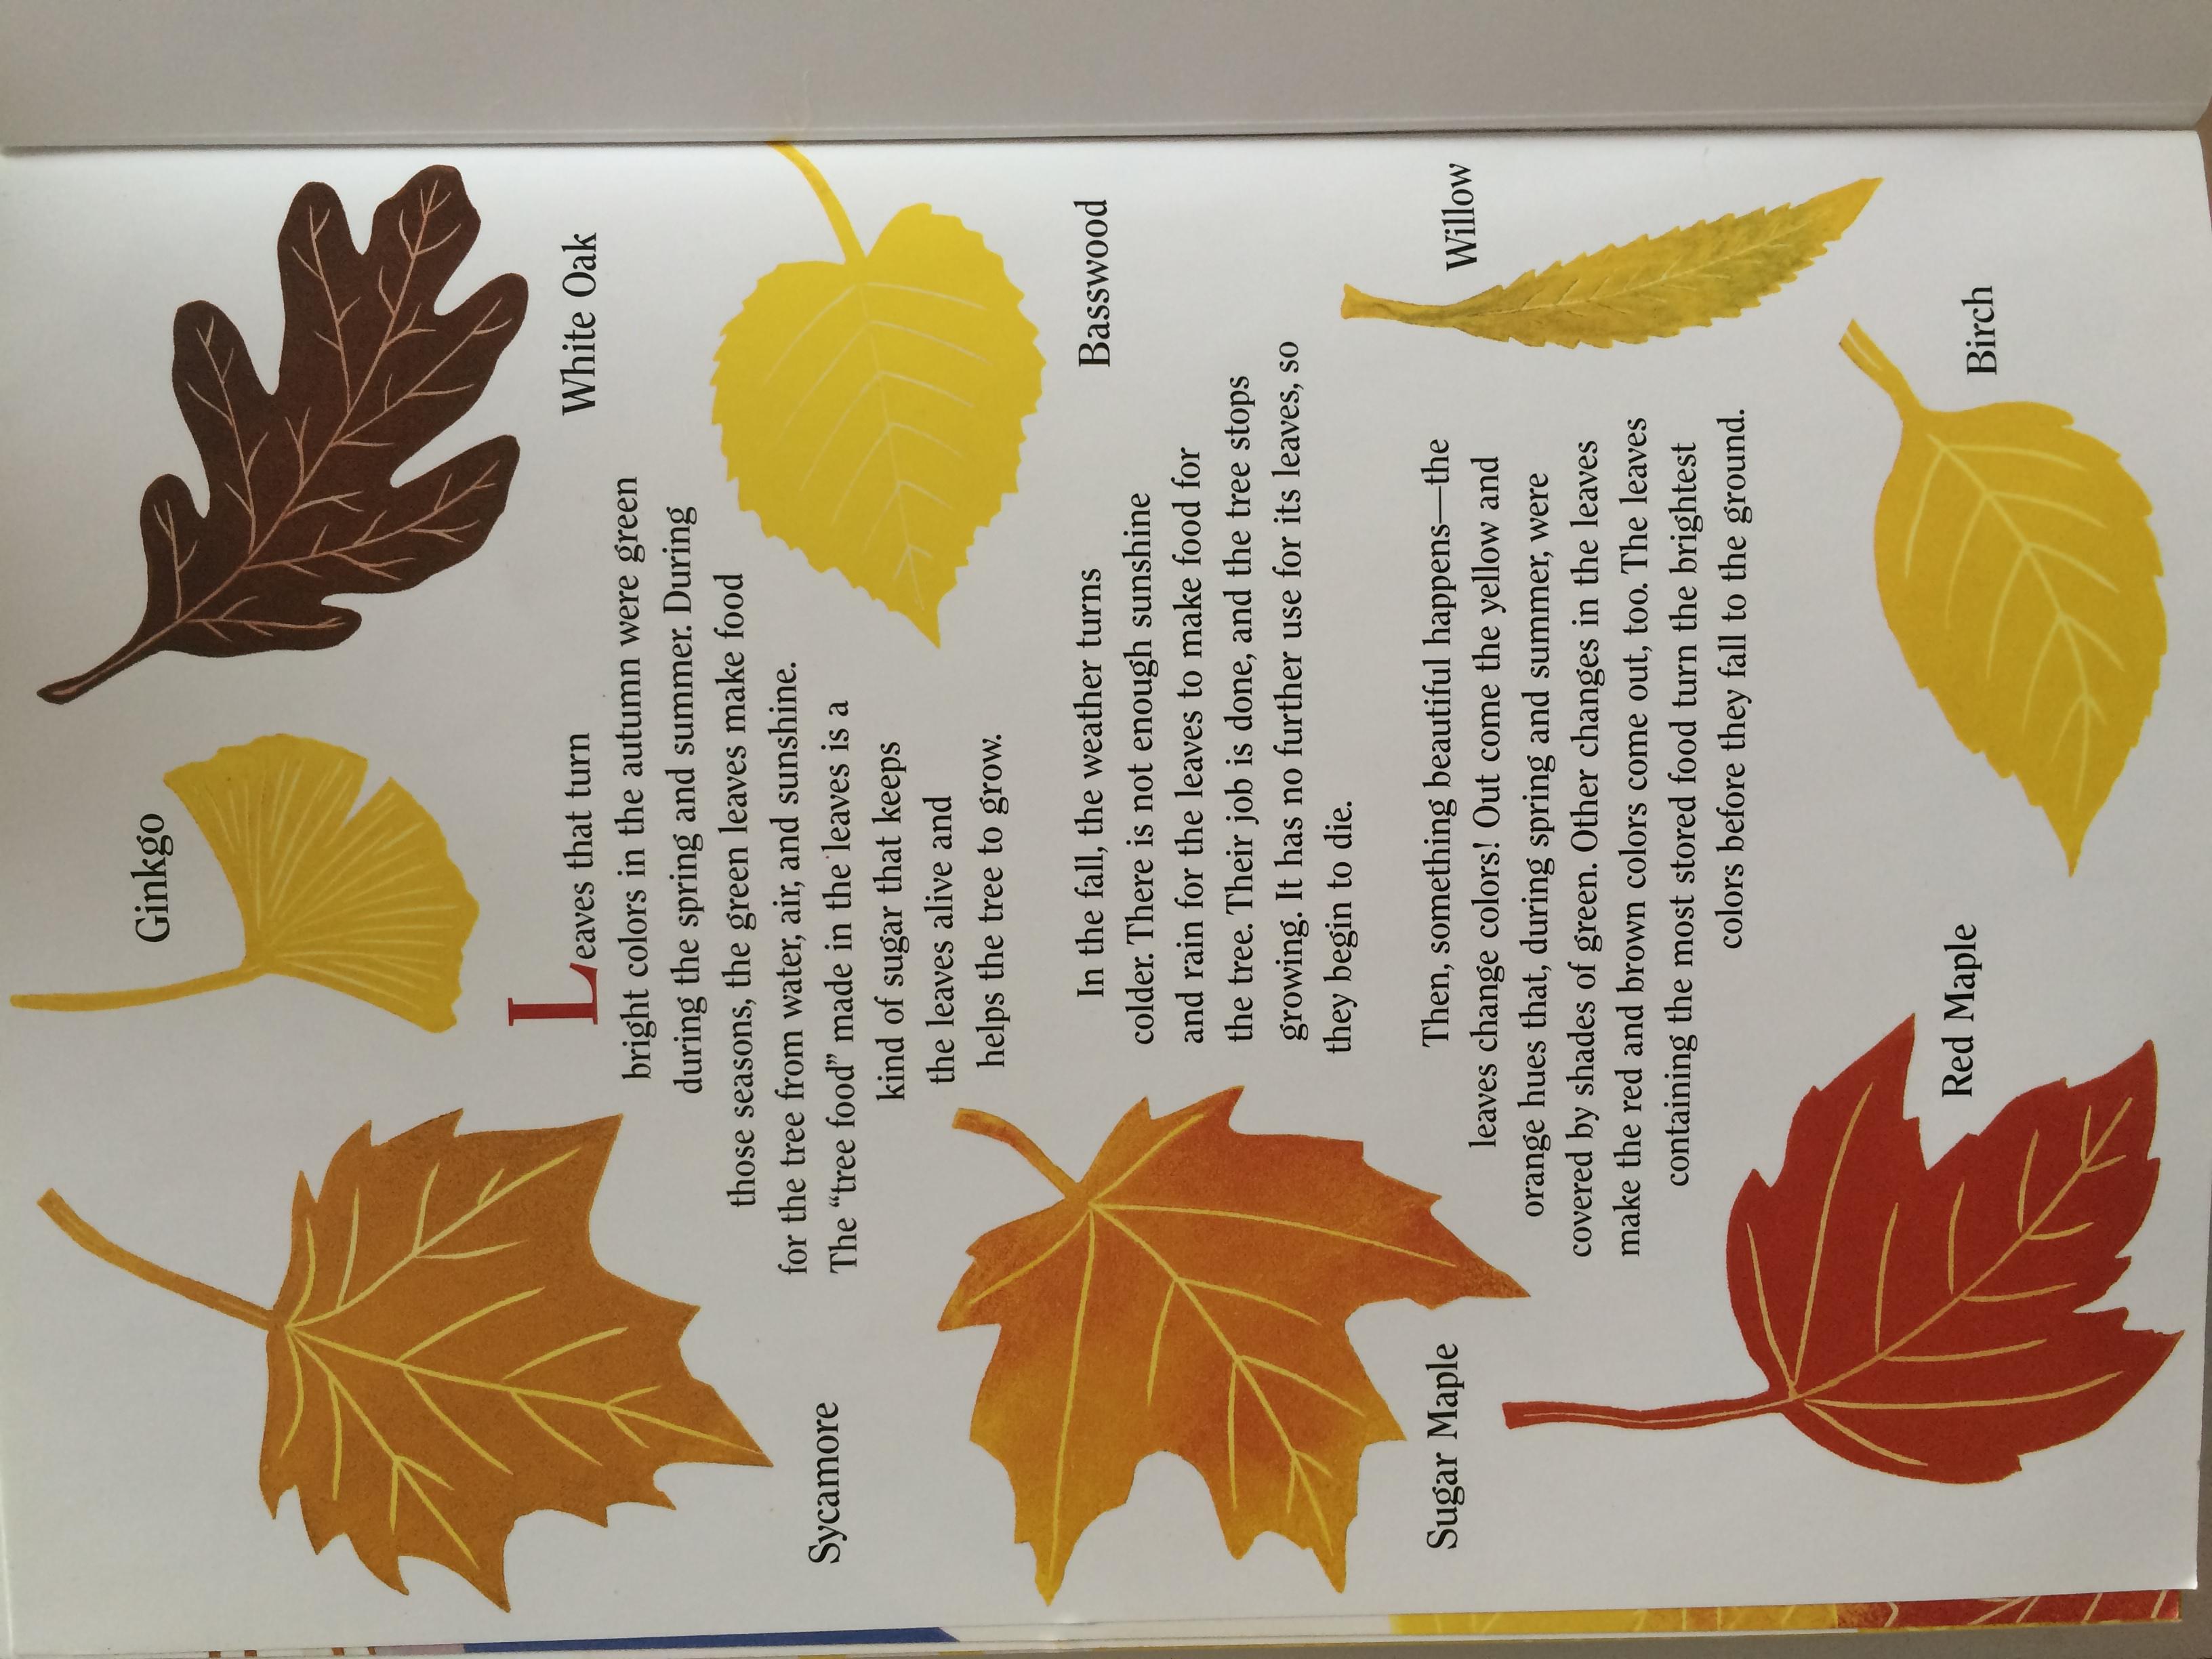 осенние листья картинки с названиями деревьев